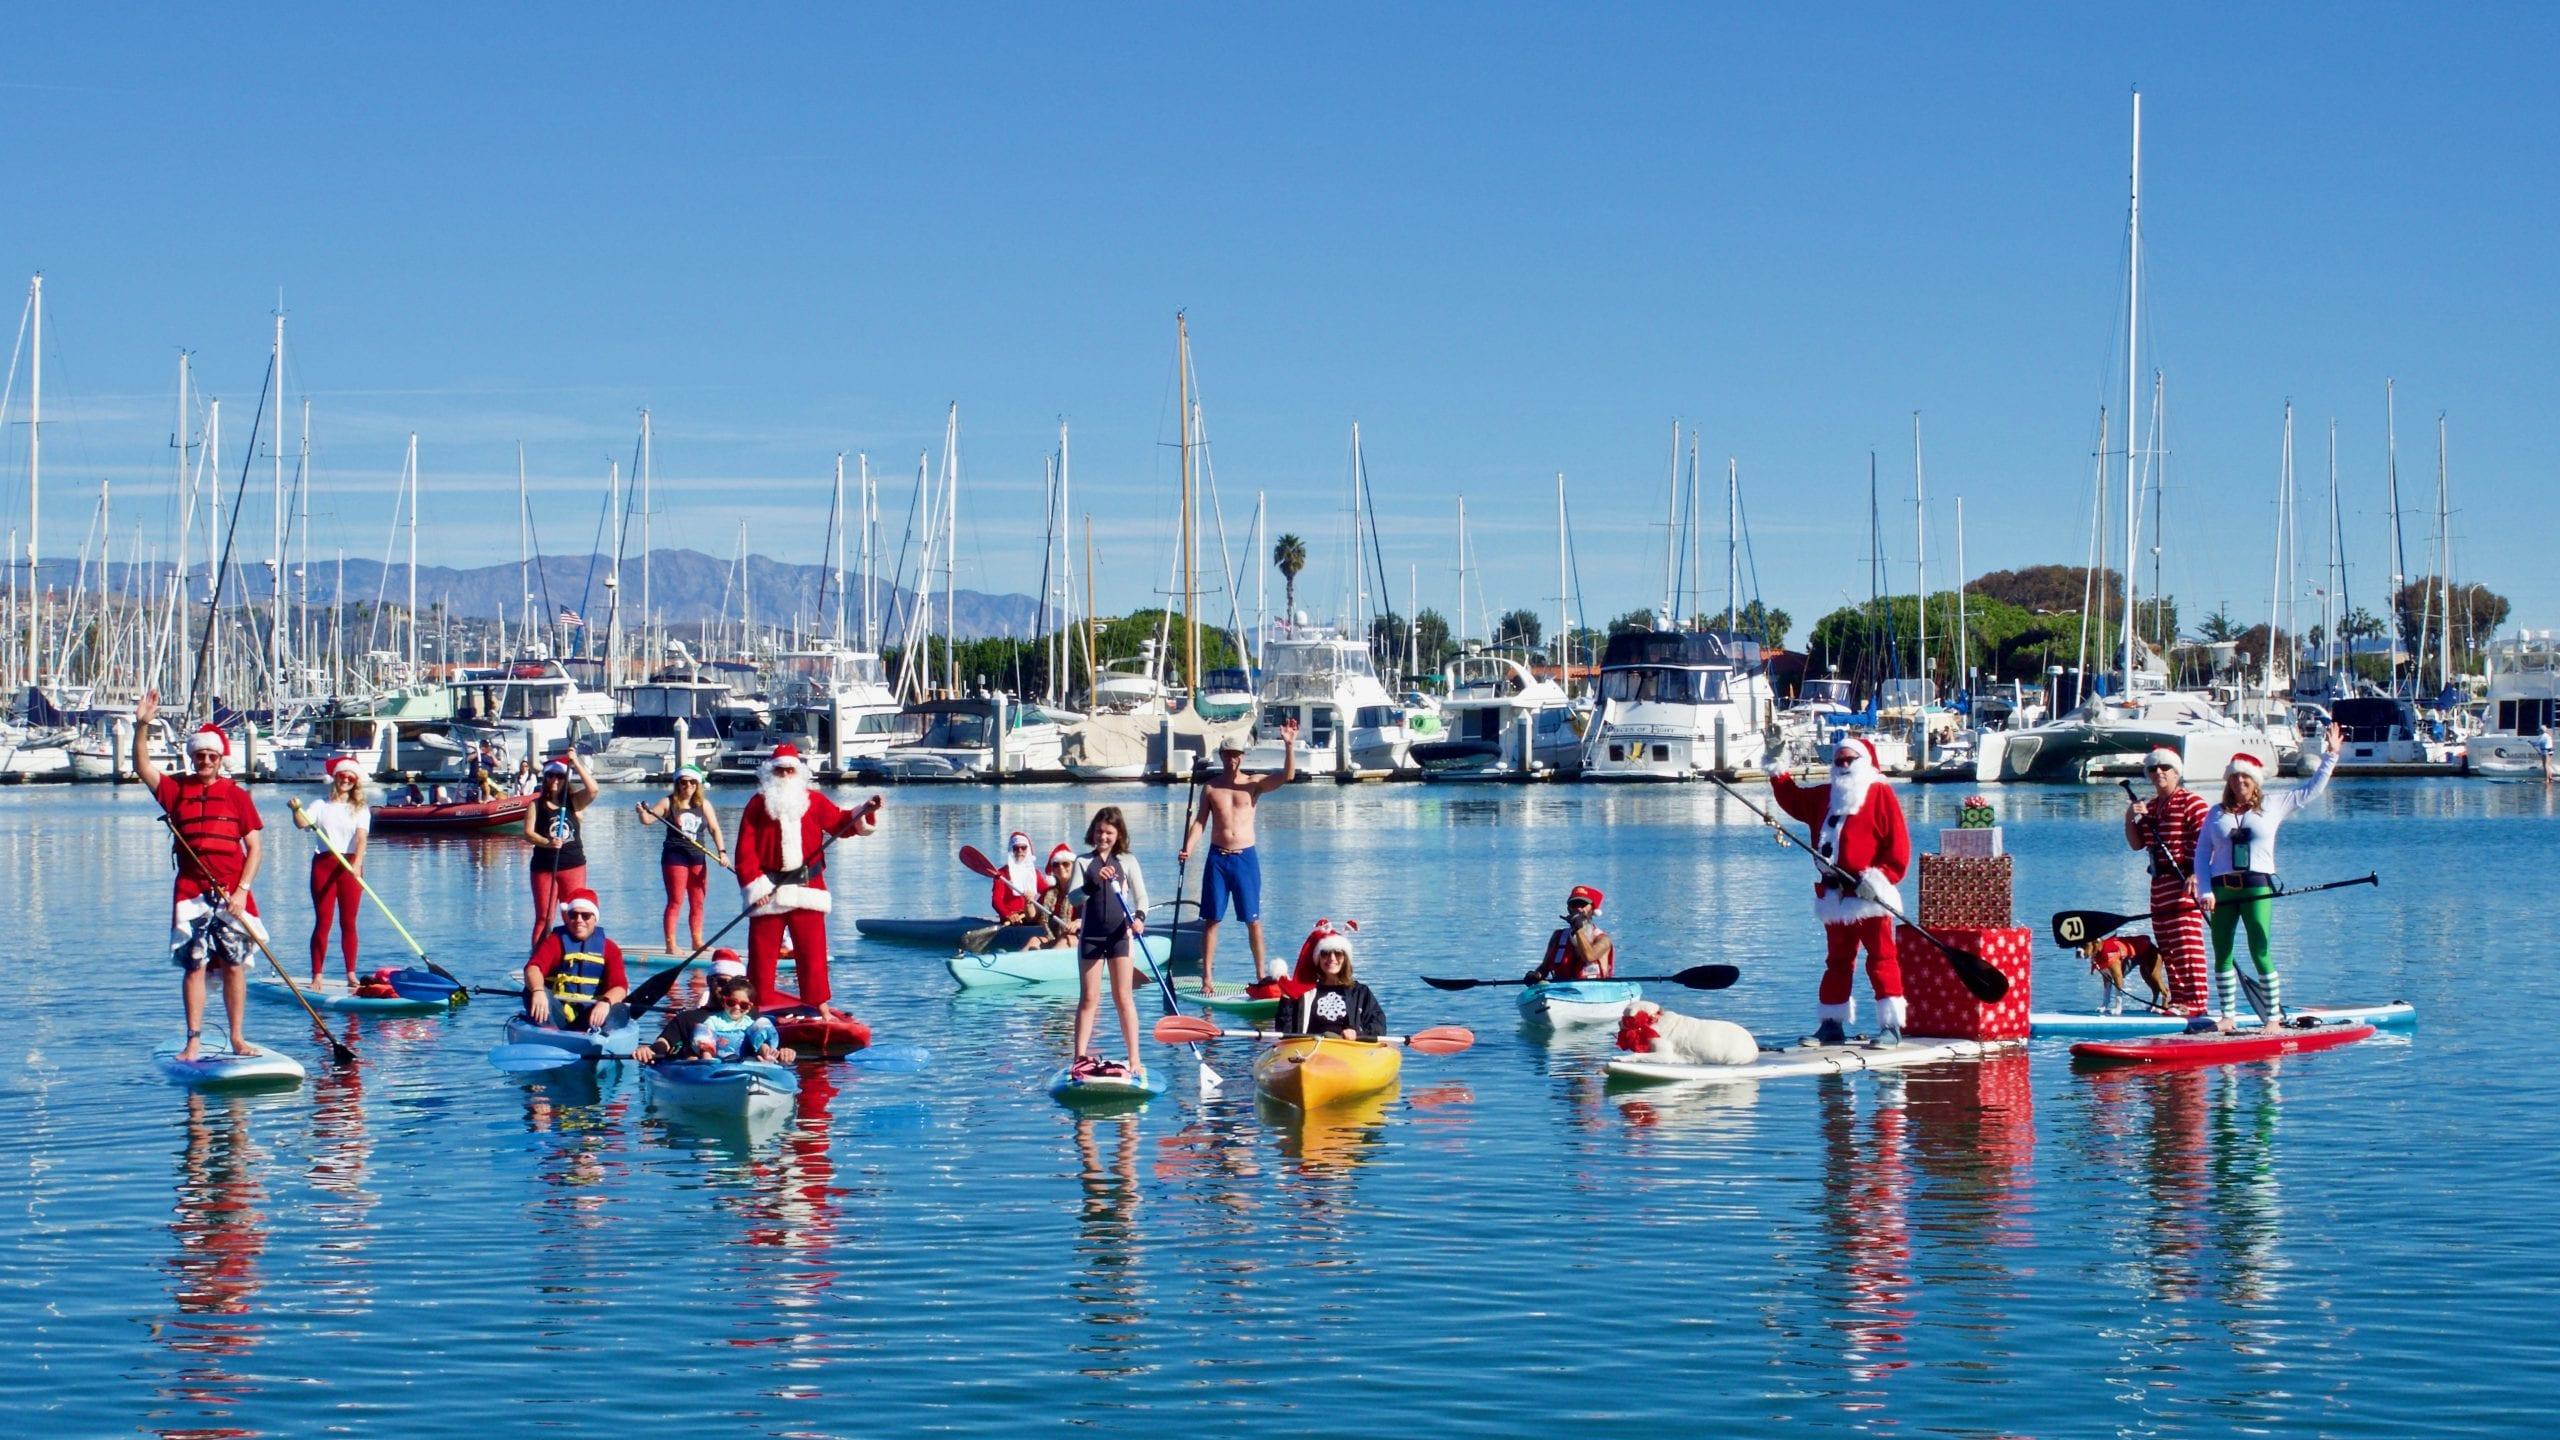 Santa Paddle